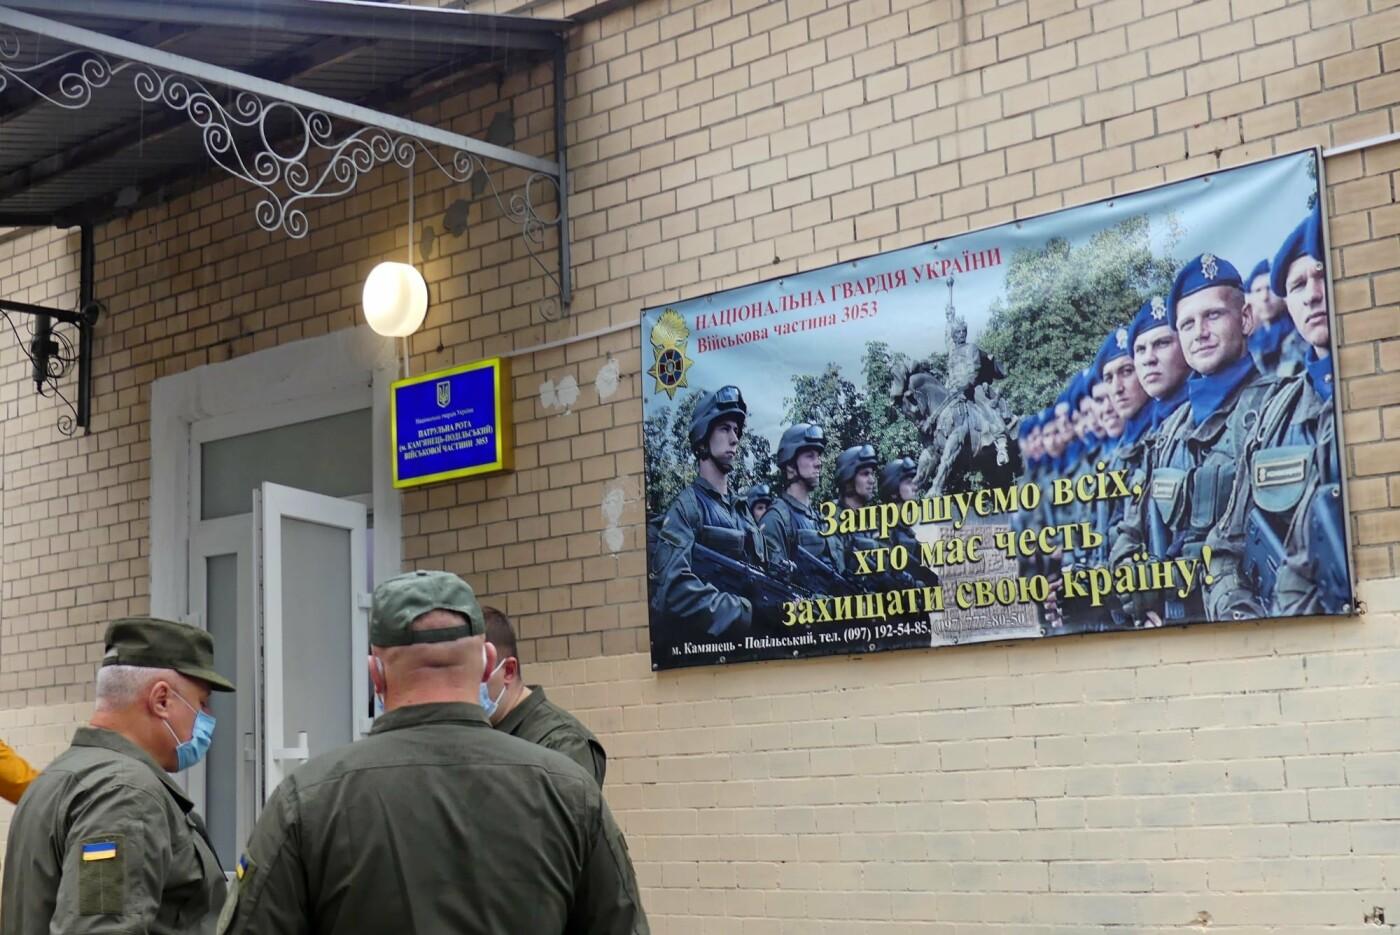 Військовослужбовці Нацгвардії переїхали у нове приміщення, фото-5, Фото: Кам'янець-Подільська міська рада